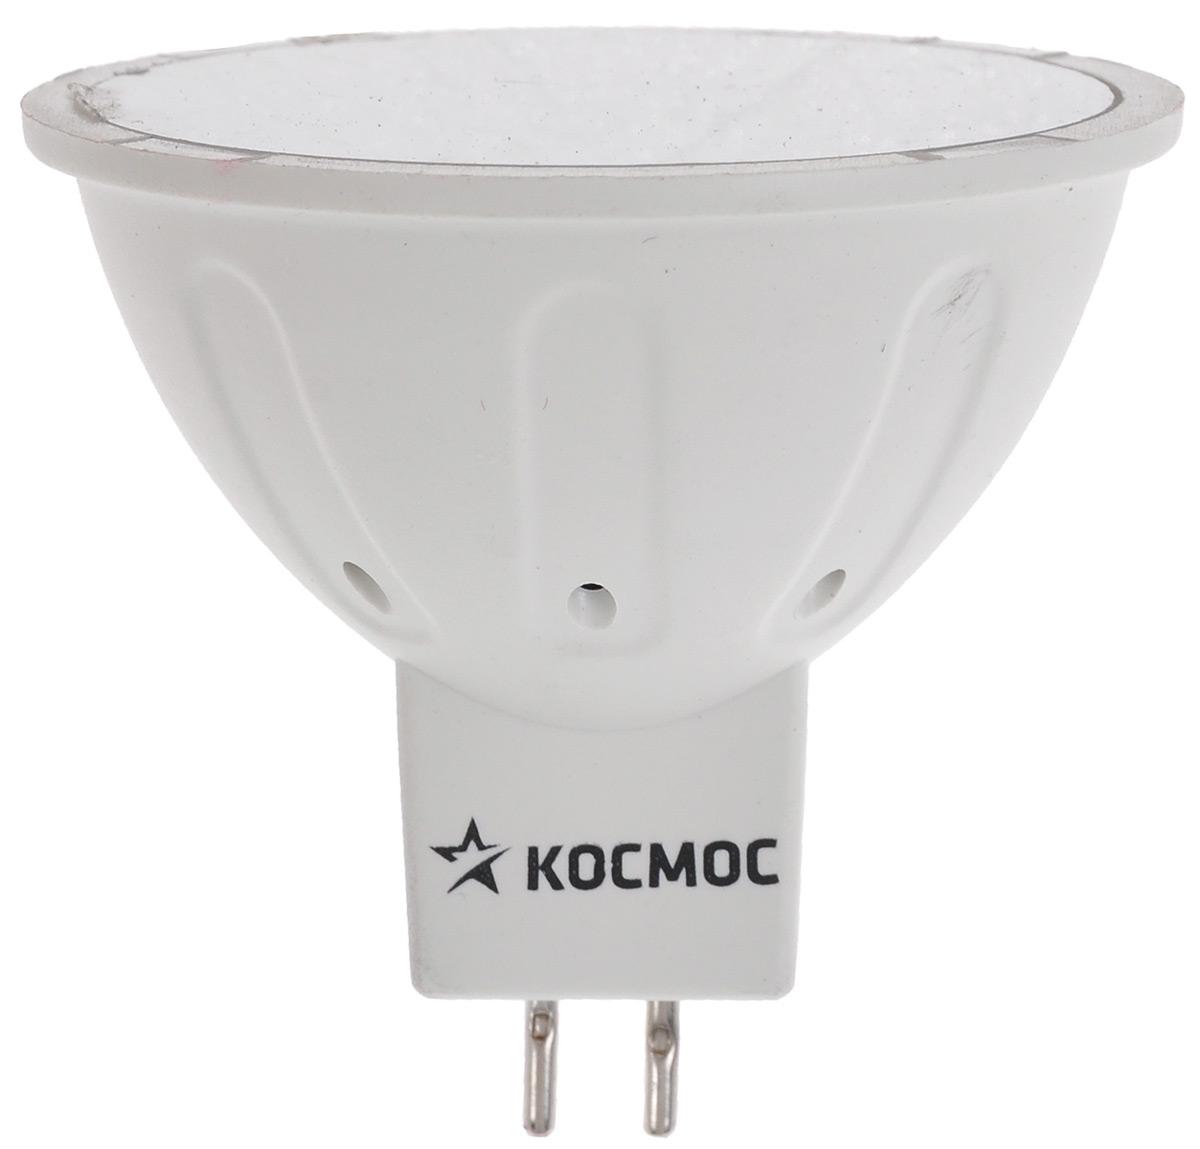 Лампа светодиодная Космос, теплый свет, цоколь GU5.3, 5WLksm_LED5wJCDRC30Светодиодная лампа Космос отличается низким энергопотреблением. Срок службы лампы 30000 часов, это в 30 раз дольше, чем у лампы накаливания. Лампа устойчива к вибрациям и высоким перепадам температур. Обладает высокой механической прочностью и вибростойкостью. Характеризуется отсутствием ультрафиолетового и инфракрасного излучений. Эквивалентна лампе накаливания мощностью 50 Вт. Направленный свет как у аналогичной галогенной лампы.Использование архитектуры высокомощных LED-ламп в формфакторах малых моделей позволяет добиться лучших показателей светового потока (550 Лм) среди большинства рыночных аналогов. Декоративные лампы специально разработаны с учетом требований российских и европейских законов и подходят ко всем осветительным устройствам, совместимым со стандартным цоколем GU5.3. Теплый белый оттенок света лампы отлично украсит вашу кухню или гостиную. В основе лампы используются светодиоды от мирового лидера Epistar. Номинальное напряжение: 220-240 В. Номинальная частота: 50/60 Гц. Рабочий ток: 0,046 А. Угол рассеивания: 130°. Срок службы: 30 000 ч. Стабильная работа при температуре: от 40°С до +50°С.Уважаемые клиенты! Обращаем ваше внимание на возможные изменения в дизайне упаковки. Качественные характеристики товара остаются неизменными. Поставка осуществляется в зависимости от наличия на складе.